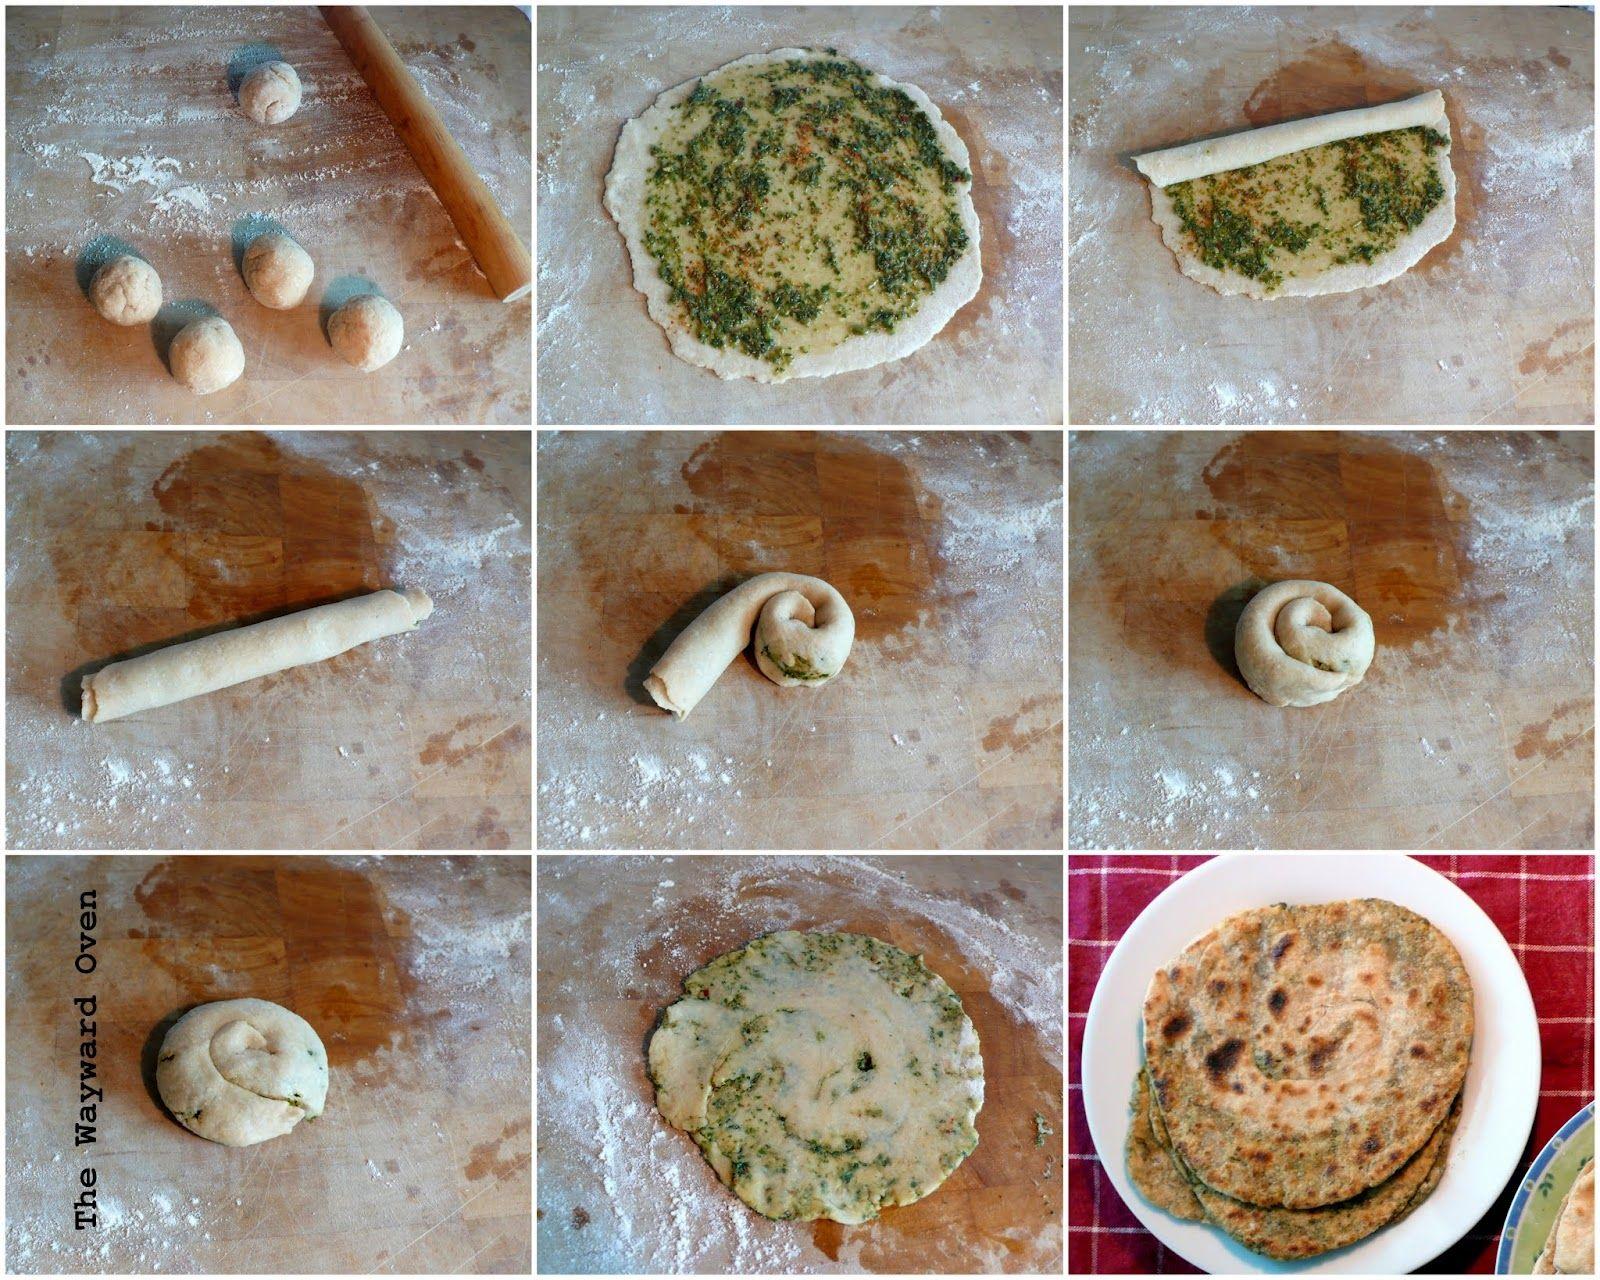 Making herbed roti